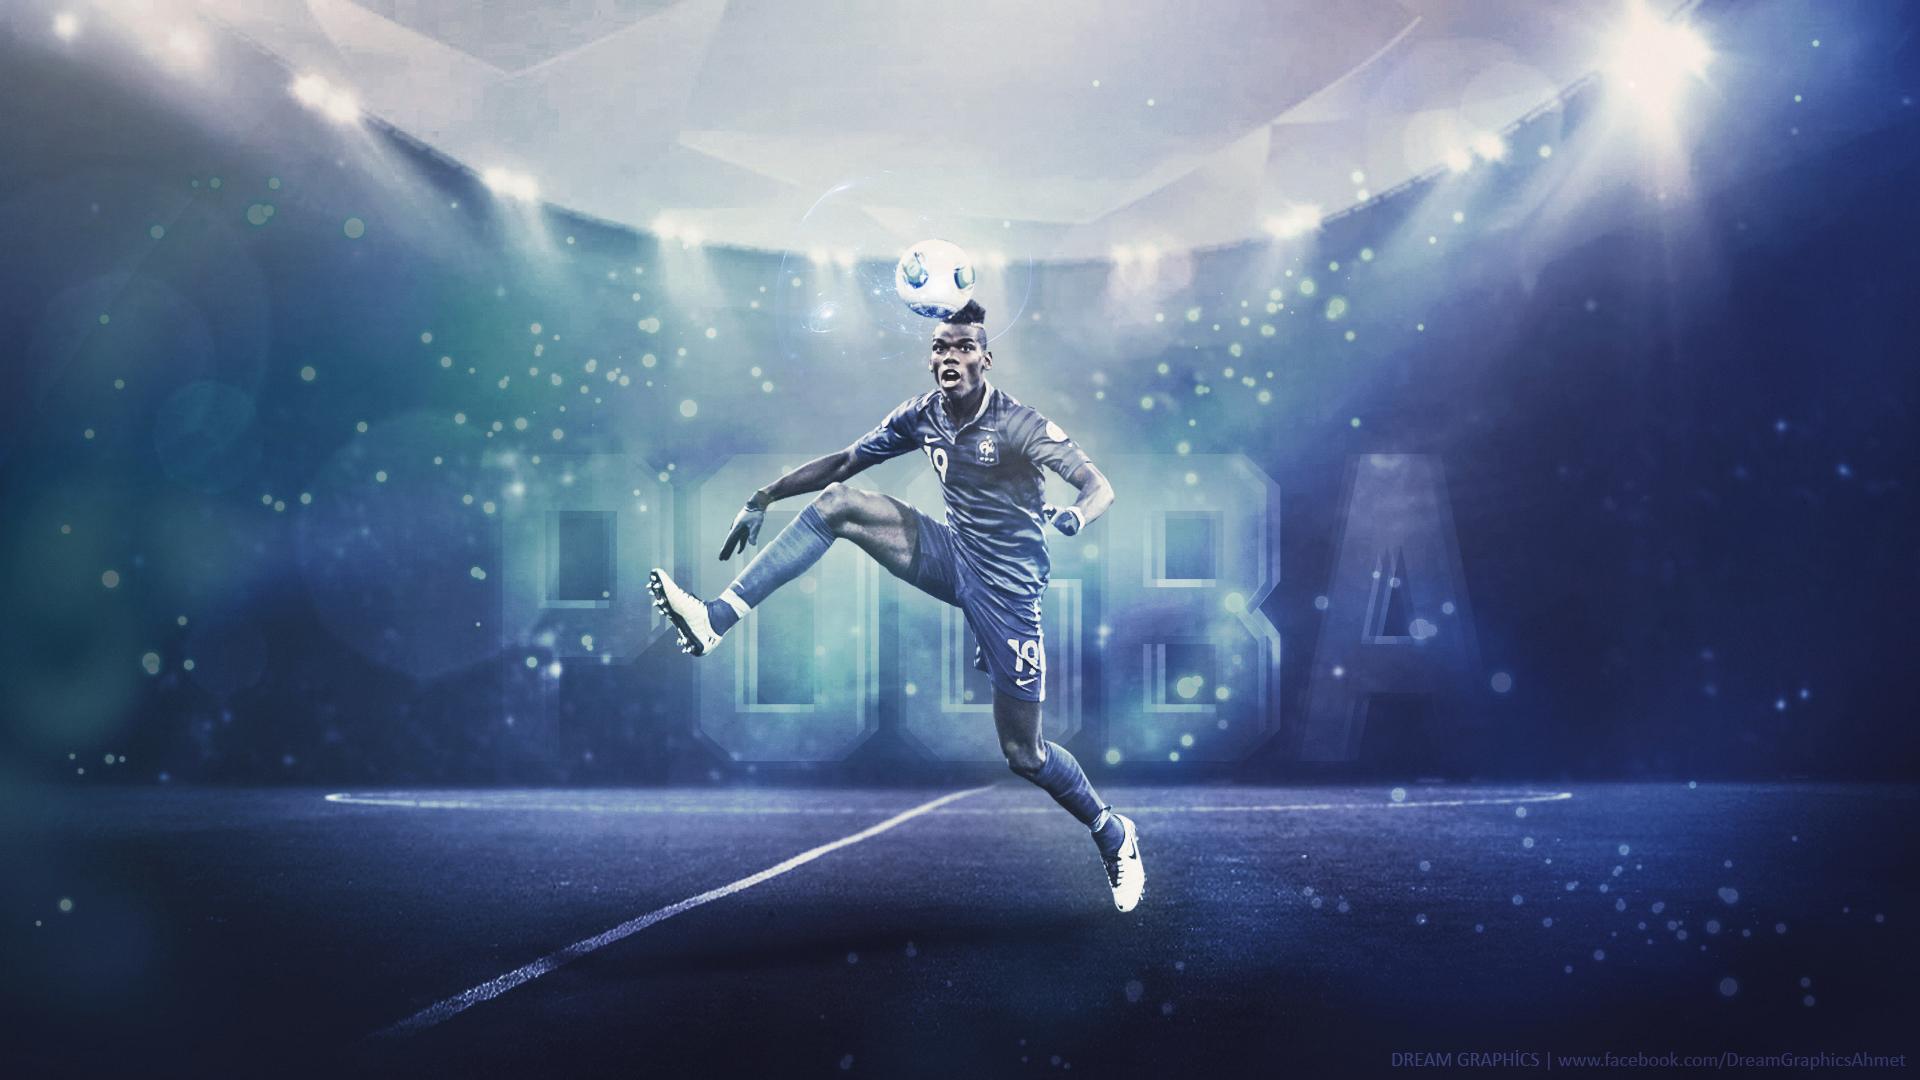 เทคนิคพนันบอลออนไลน์ สูตรการแทงบอลที่จะช่วยไห้ท่านพนันบอลดีขึ้น